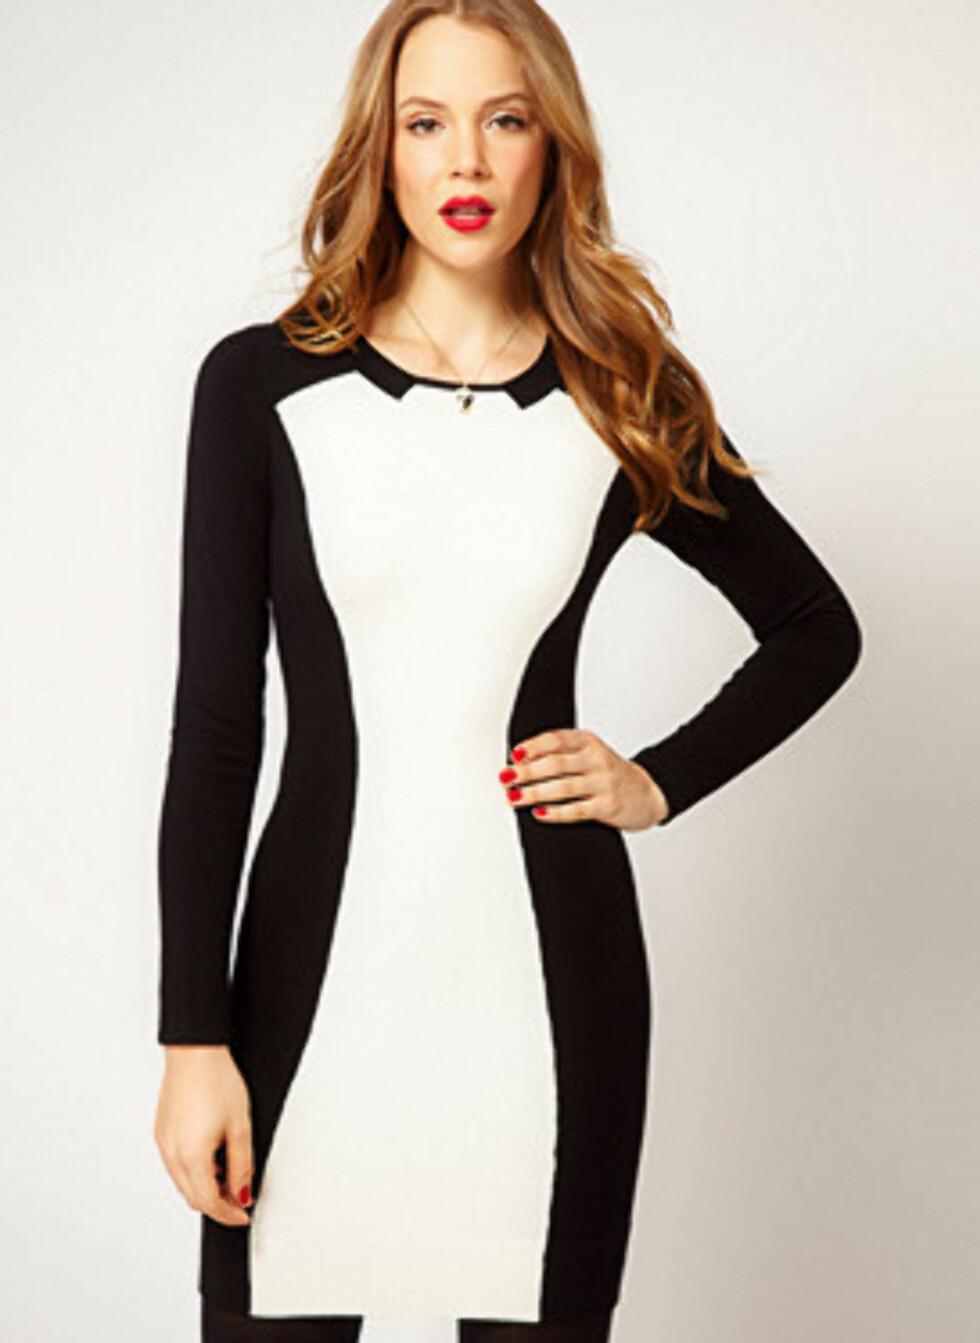 Lekker kjole med krage i svart og hvitt fra Karen Millen. 1141 kroner, Asos.com via Fashionstreet.no.  Foto: Produsenten